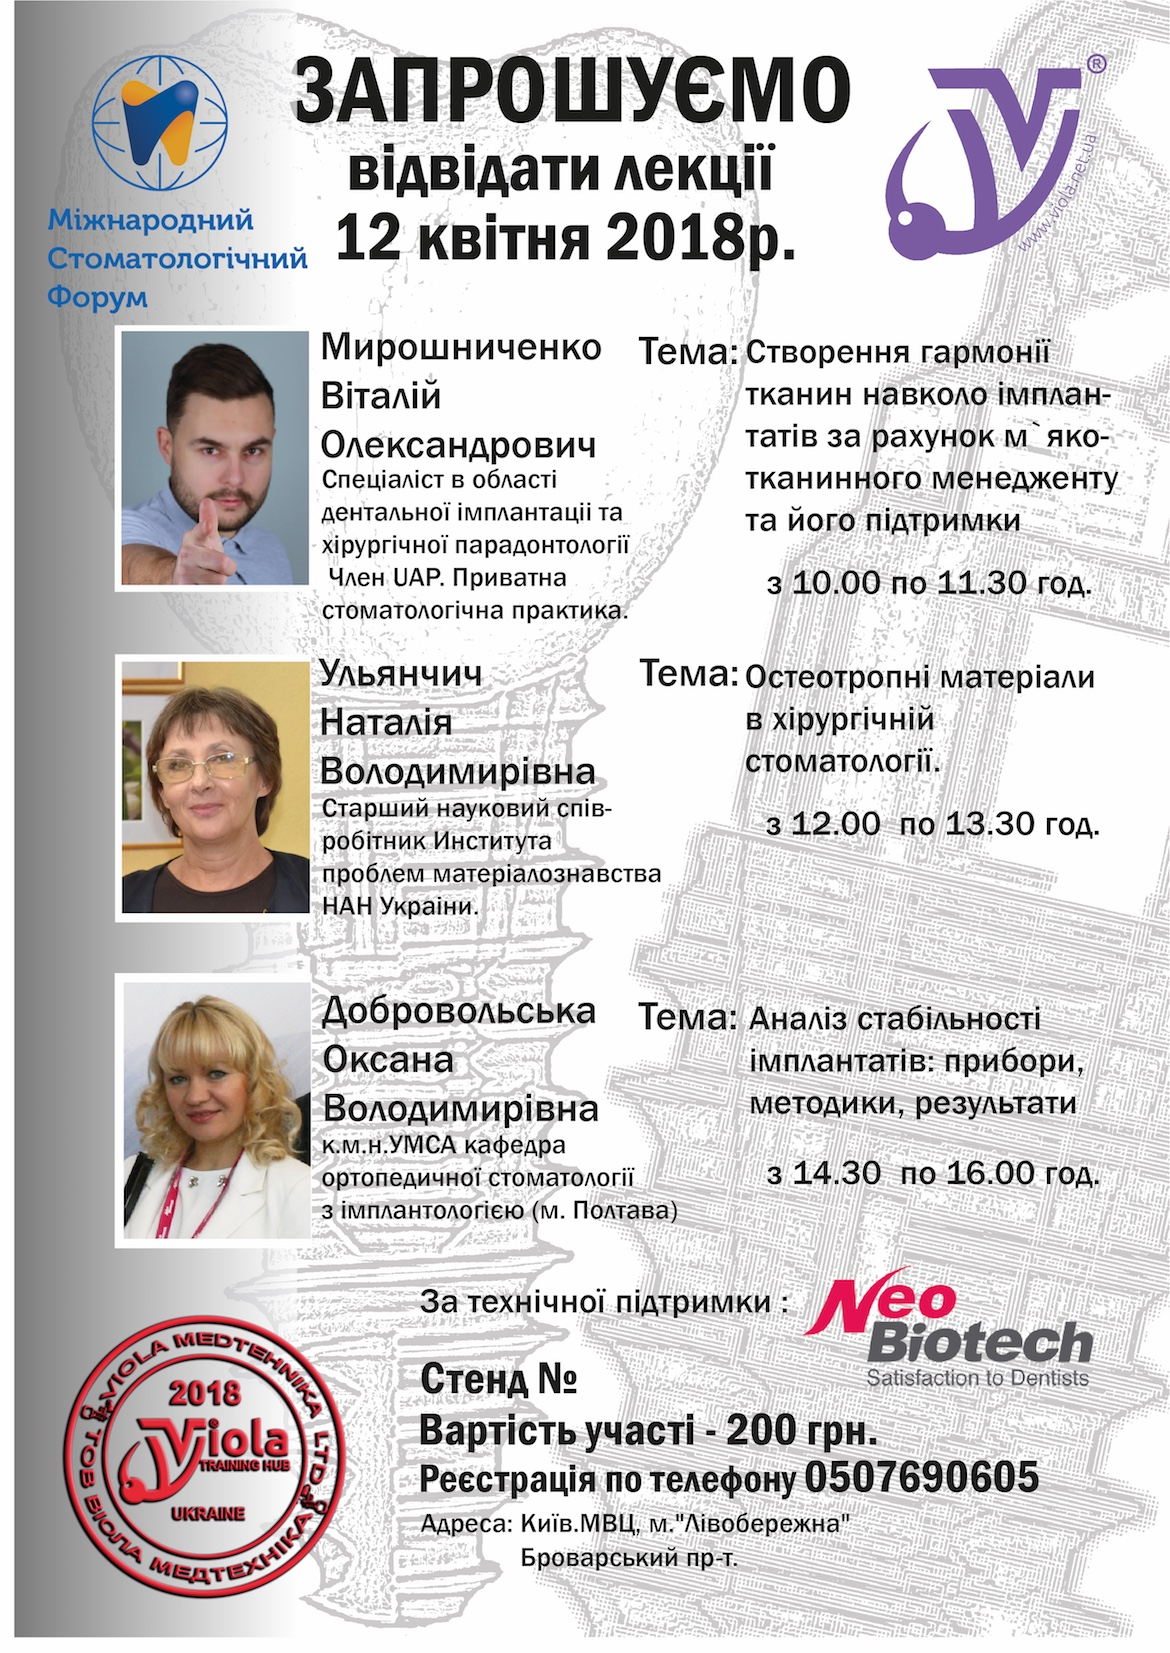 Лекции по стоматологии - NeoBiotech